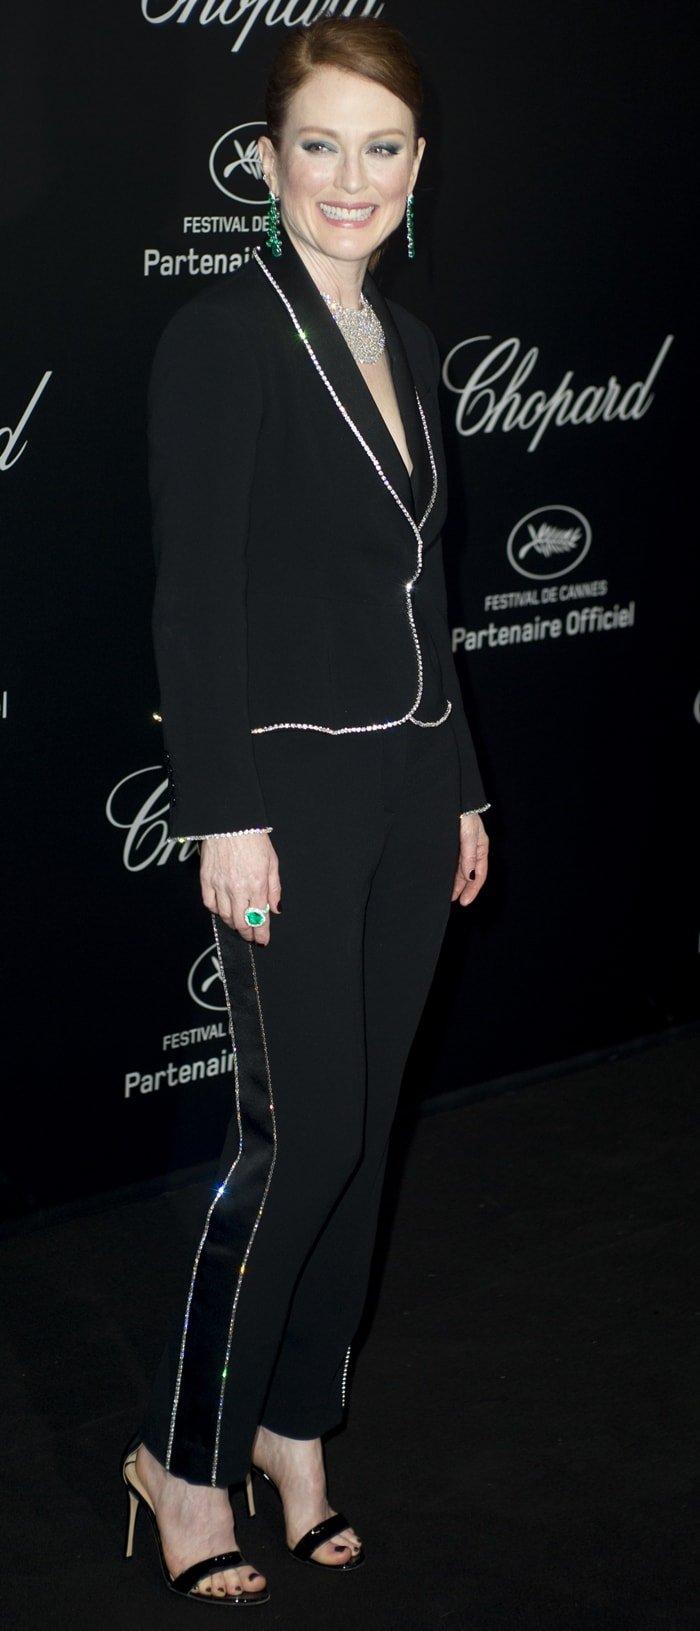 Julianne Moore wears a Sonia Rykiel suitat the Chopard Secret Night party